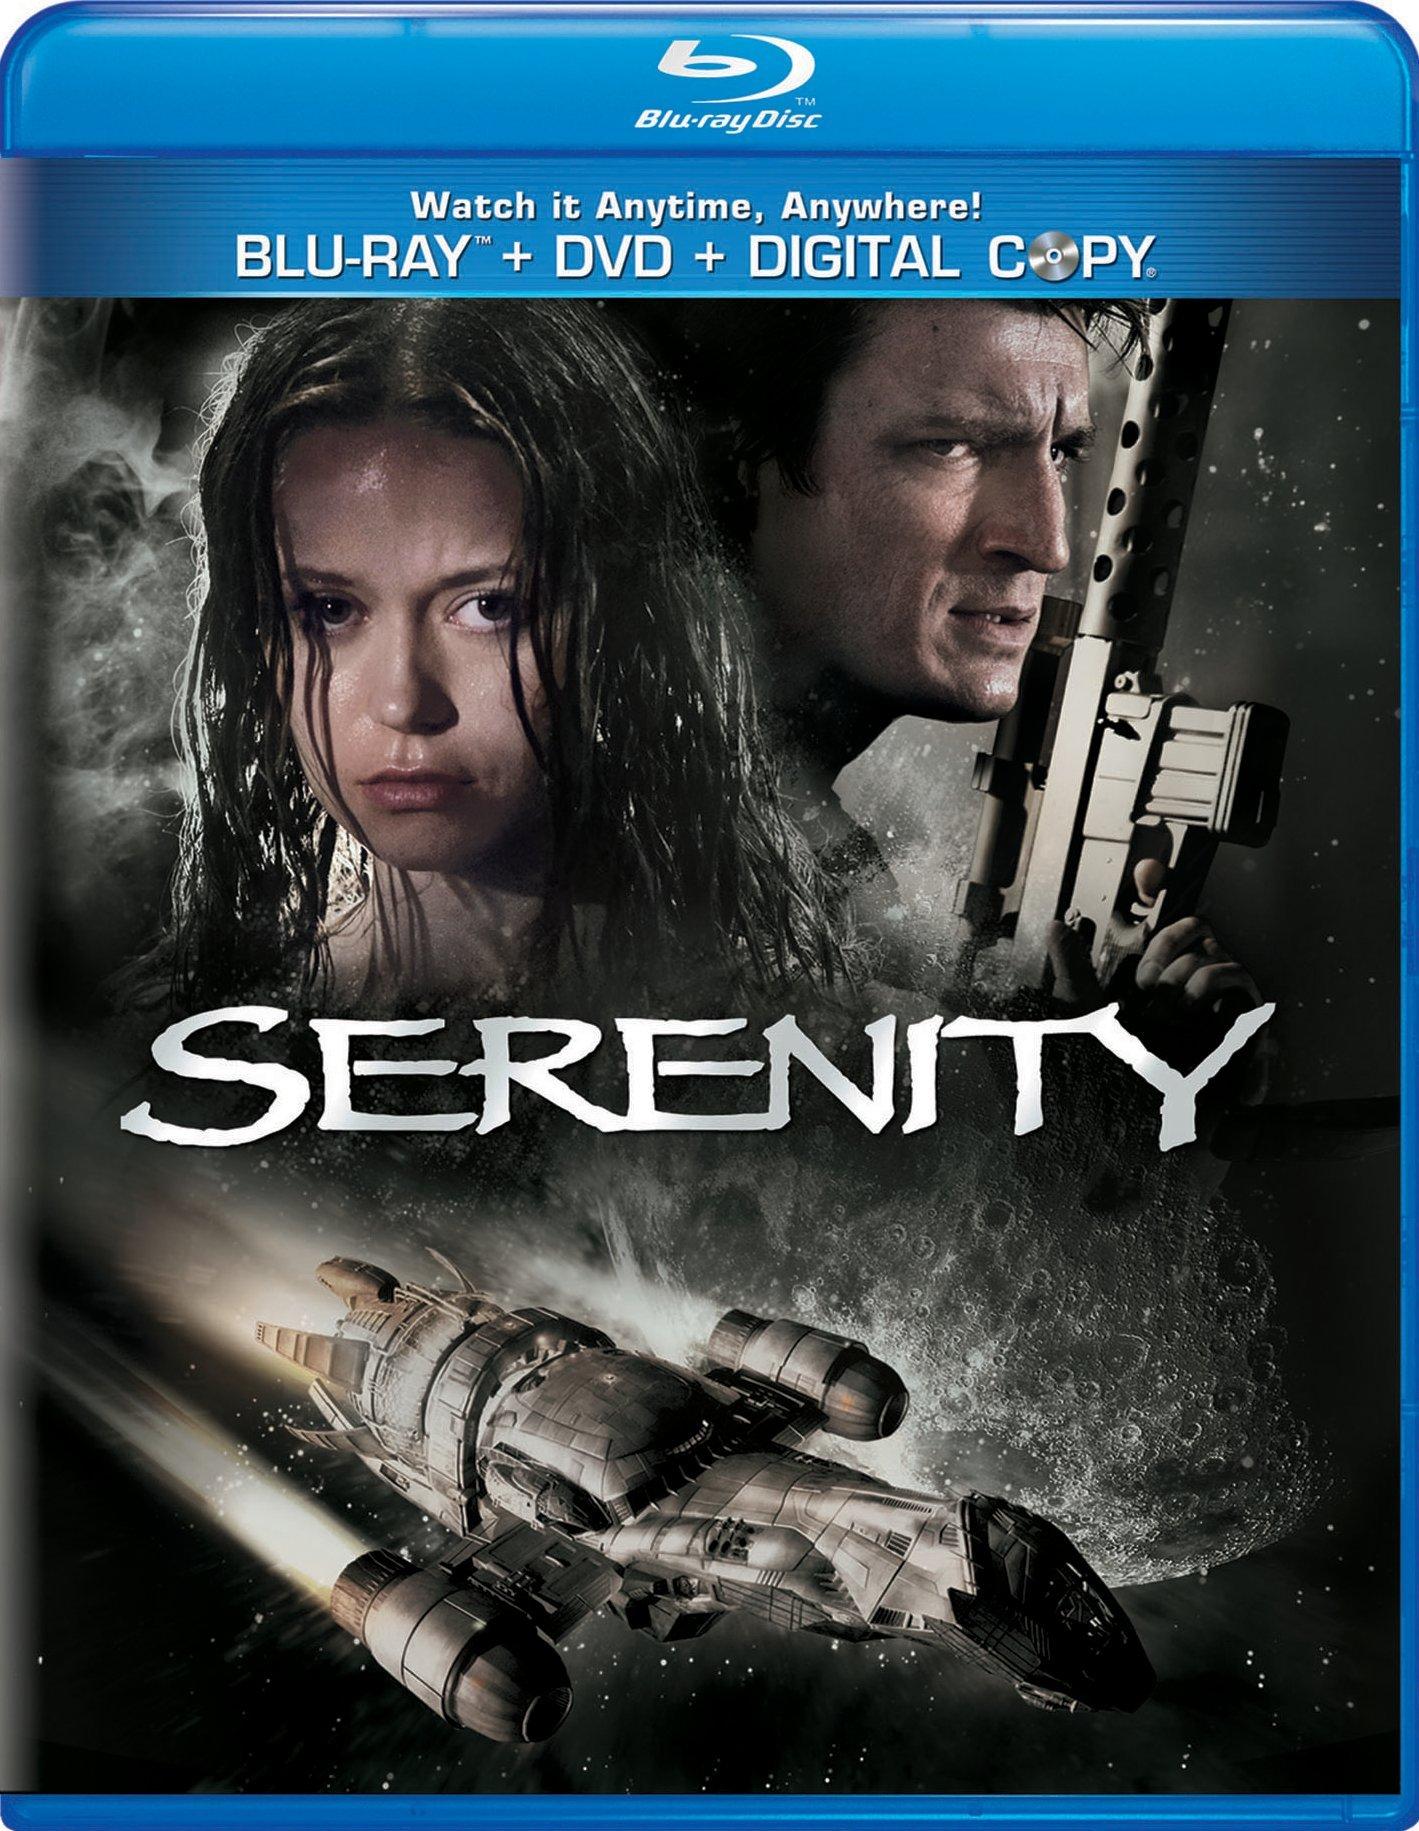 Serenity / Мисия Серенити (2005)